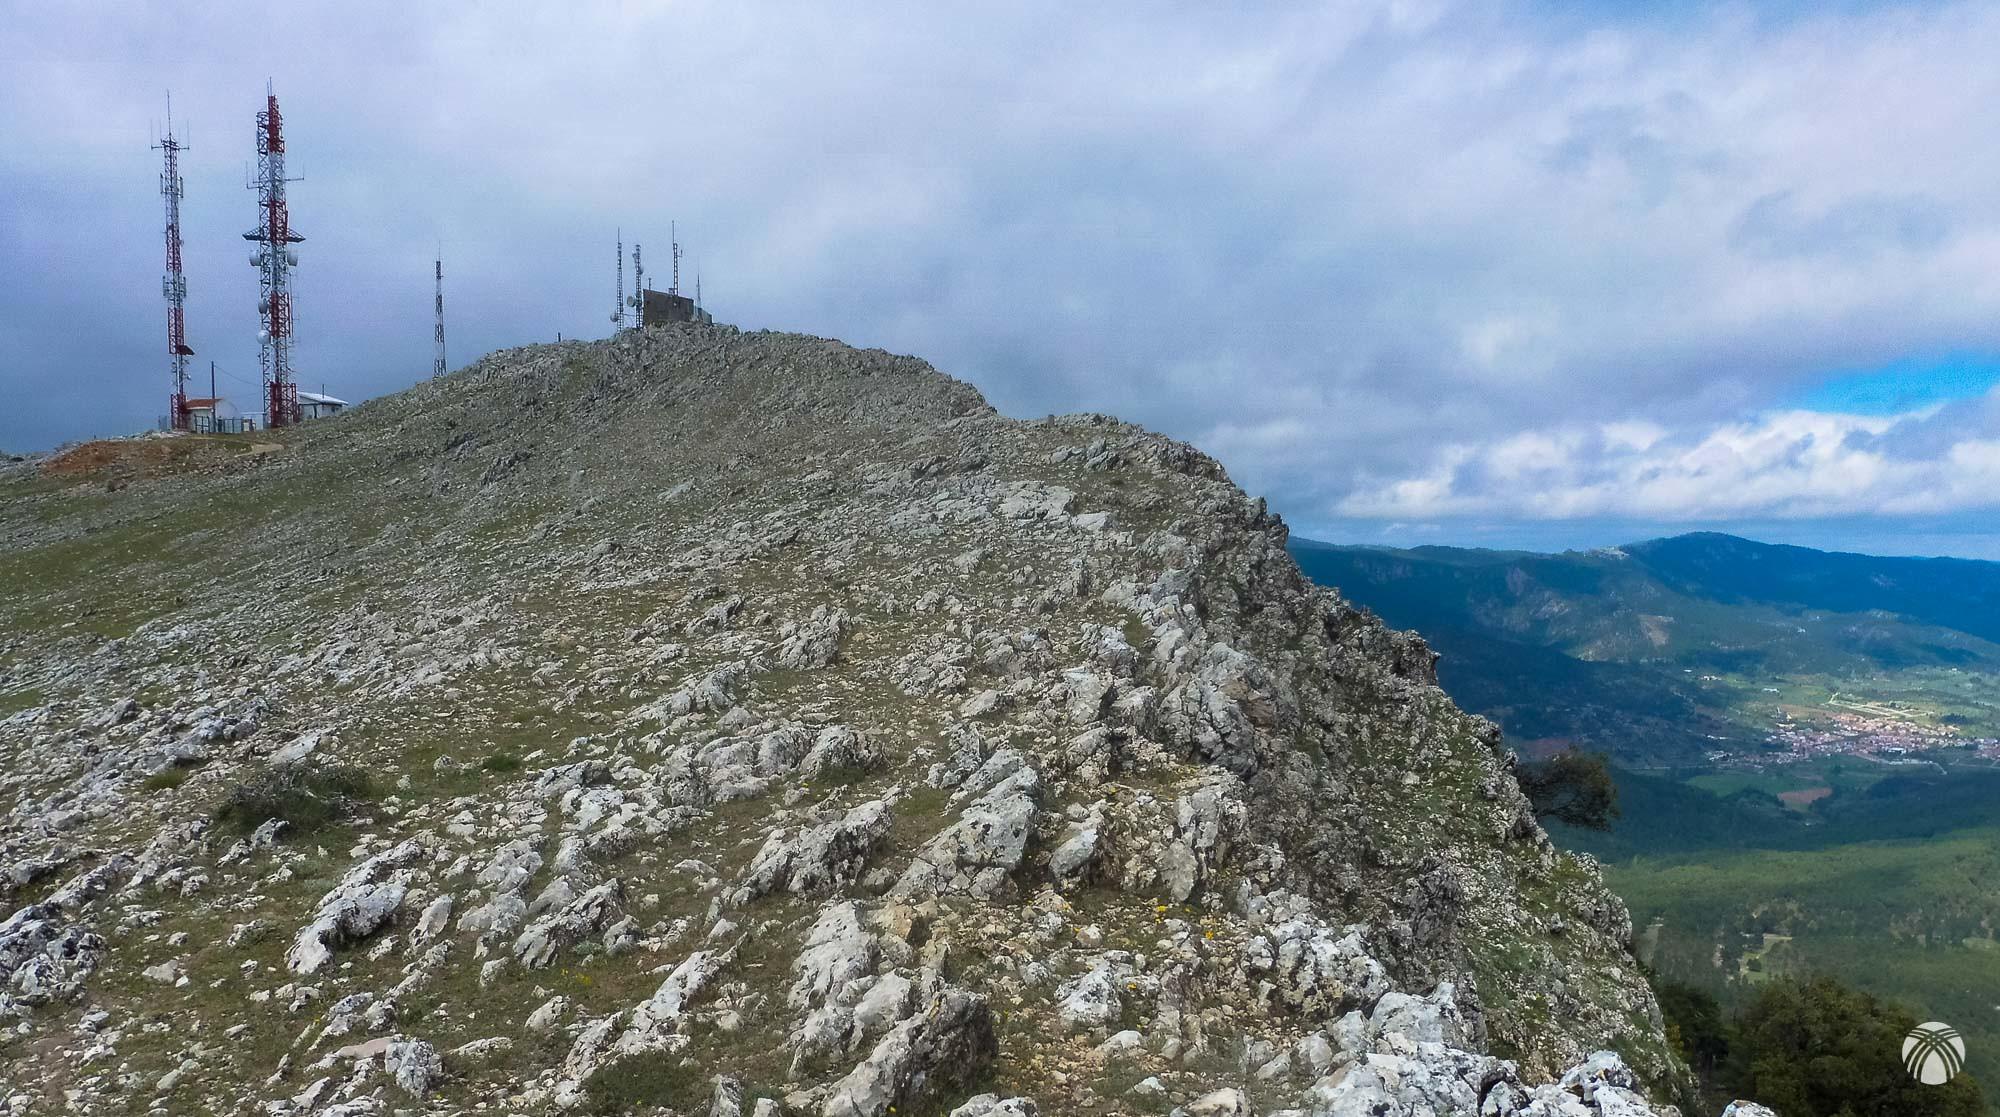 Cumbre y antenas del Padroncillo. Riópar a la derecha